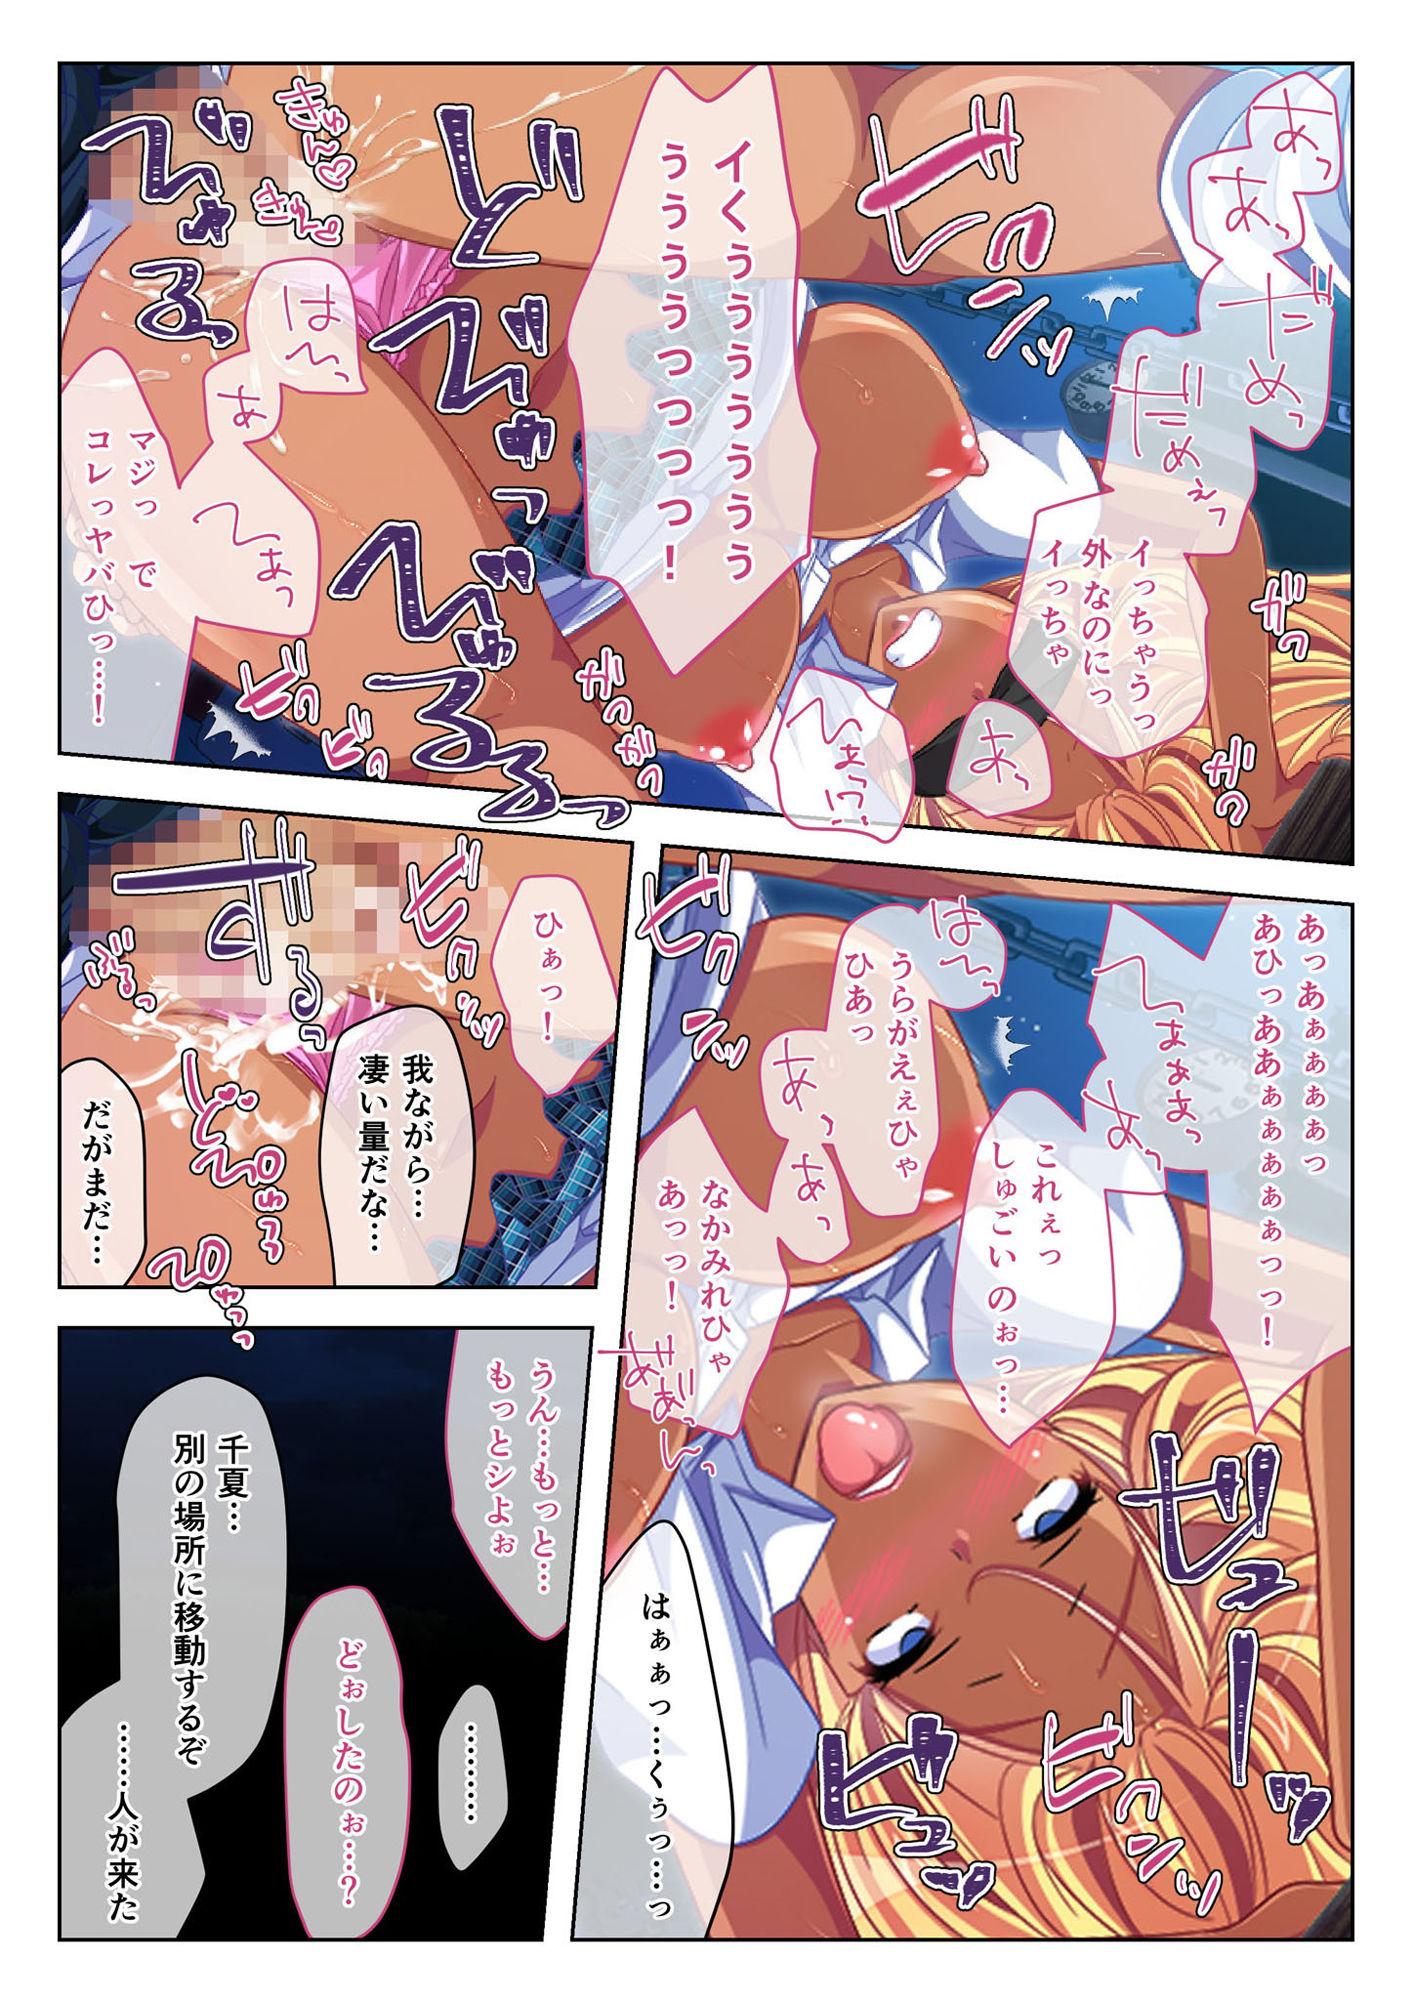 イチャラブ☆セフレ ~出張先で出会った黒ギャルびっち~ モザイクコミック総集編5